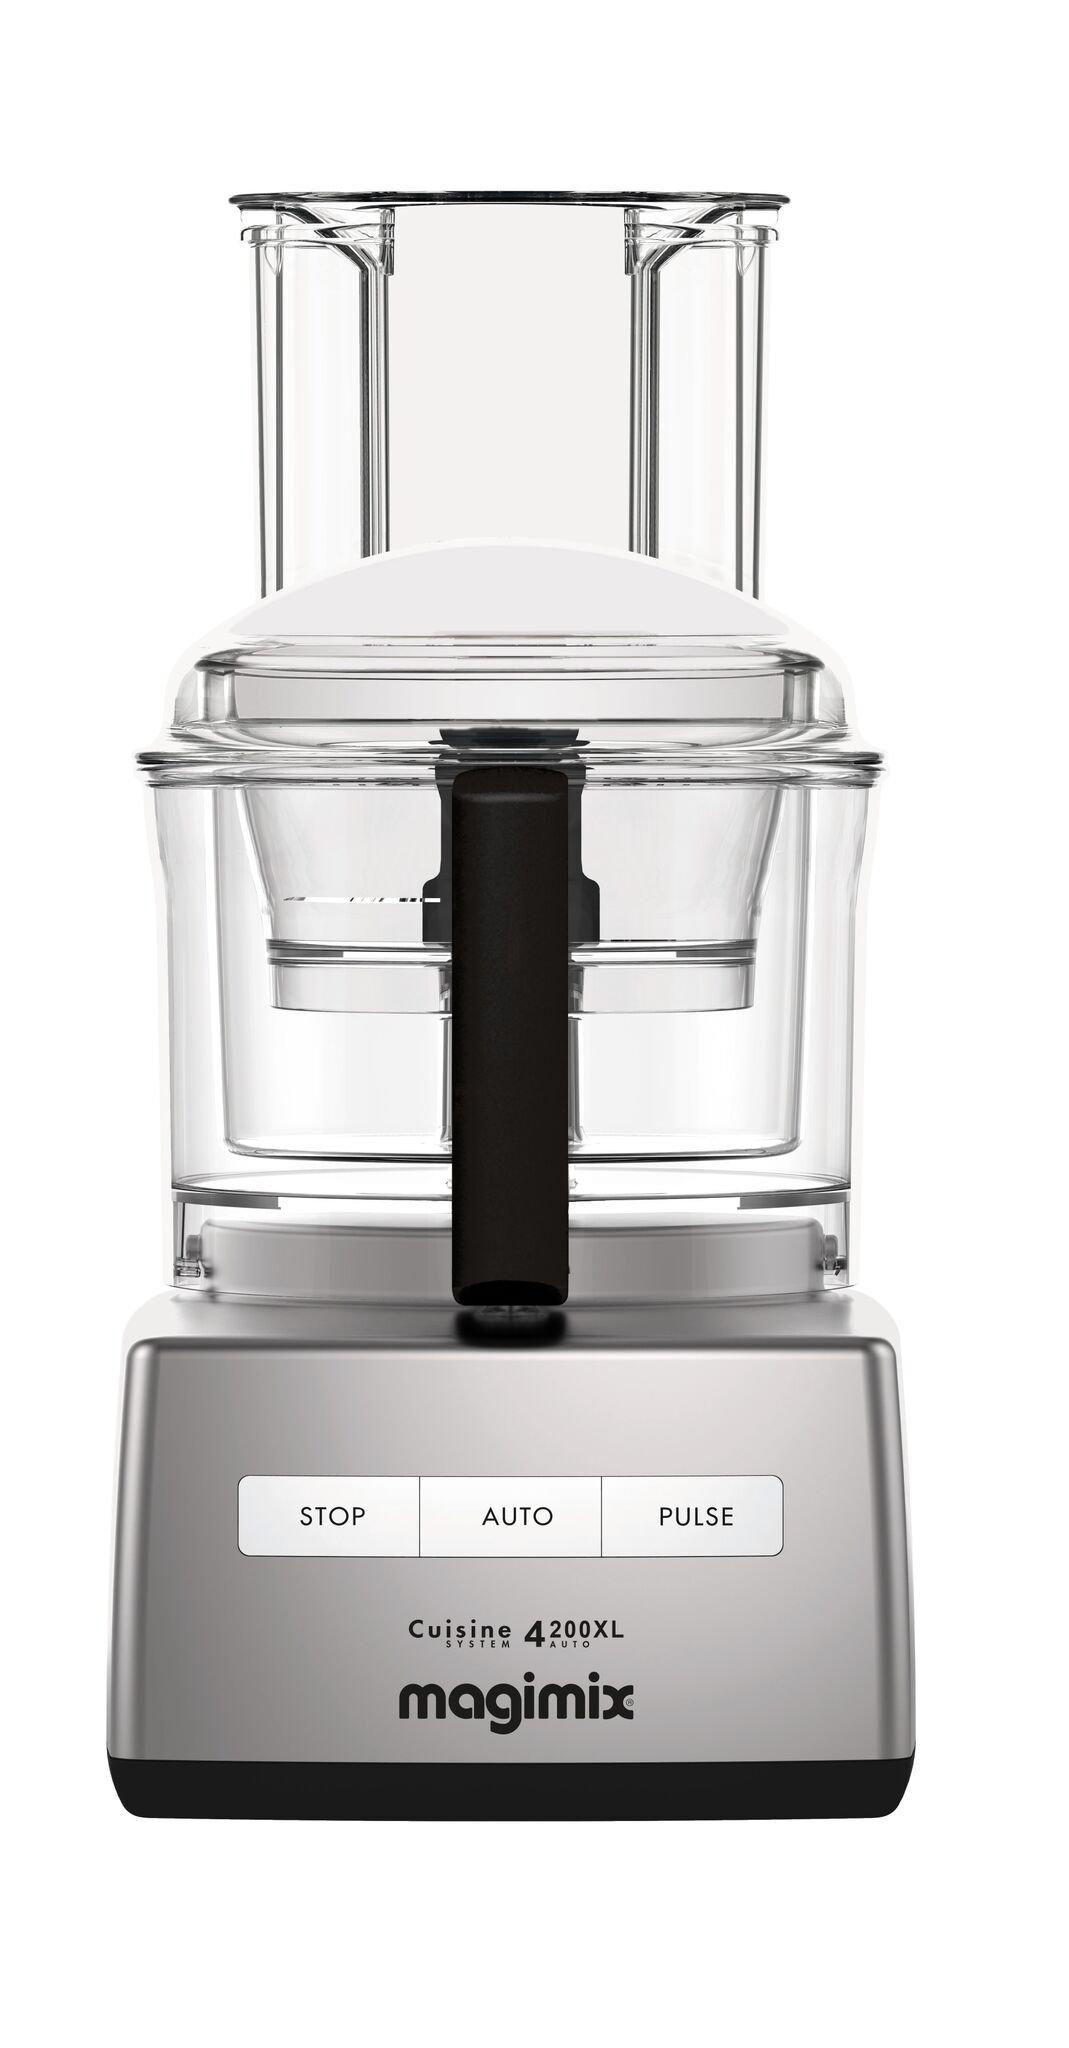 Magimix Compact 4200 XL Chrome 950 Watt Food Processor